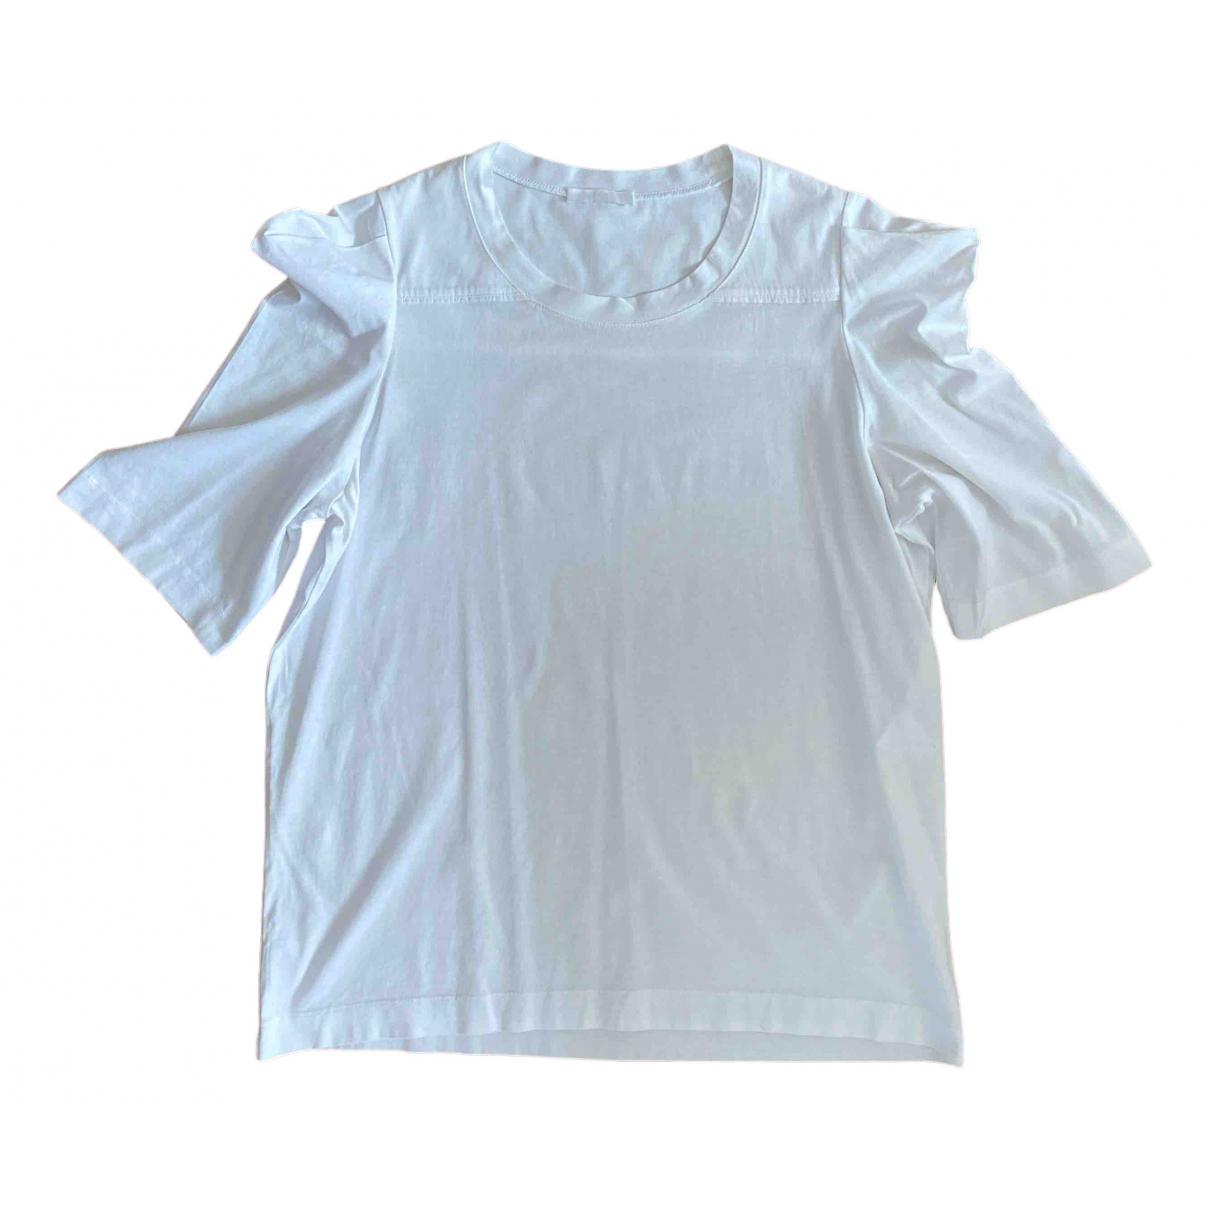 Chloé \N White Cotton  top for Women L International